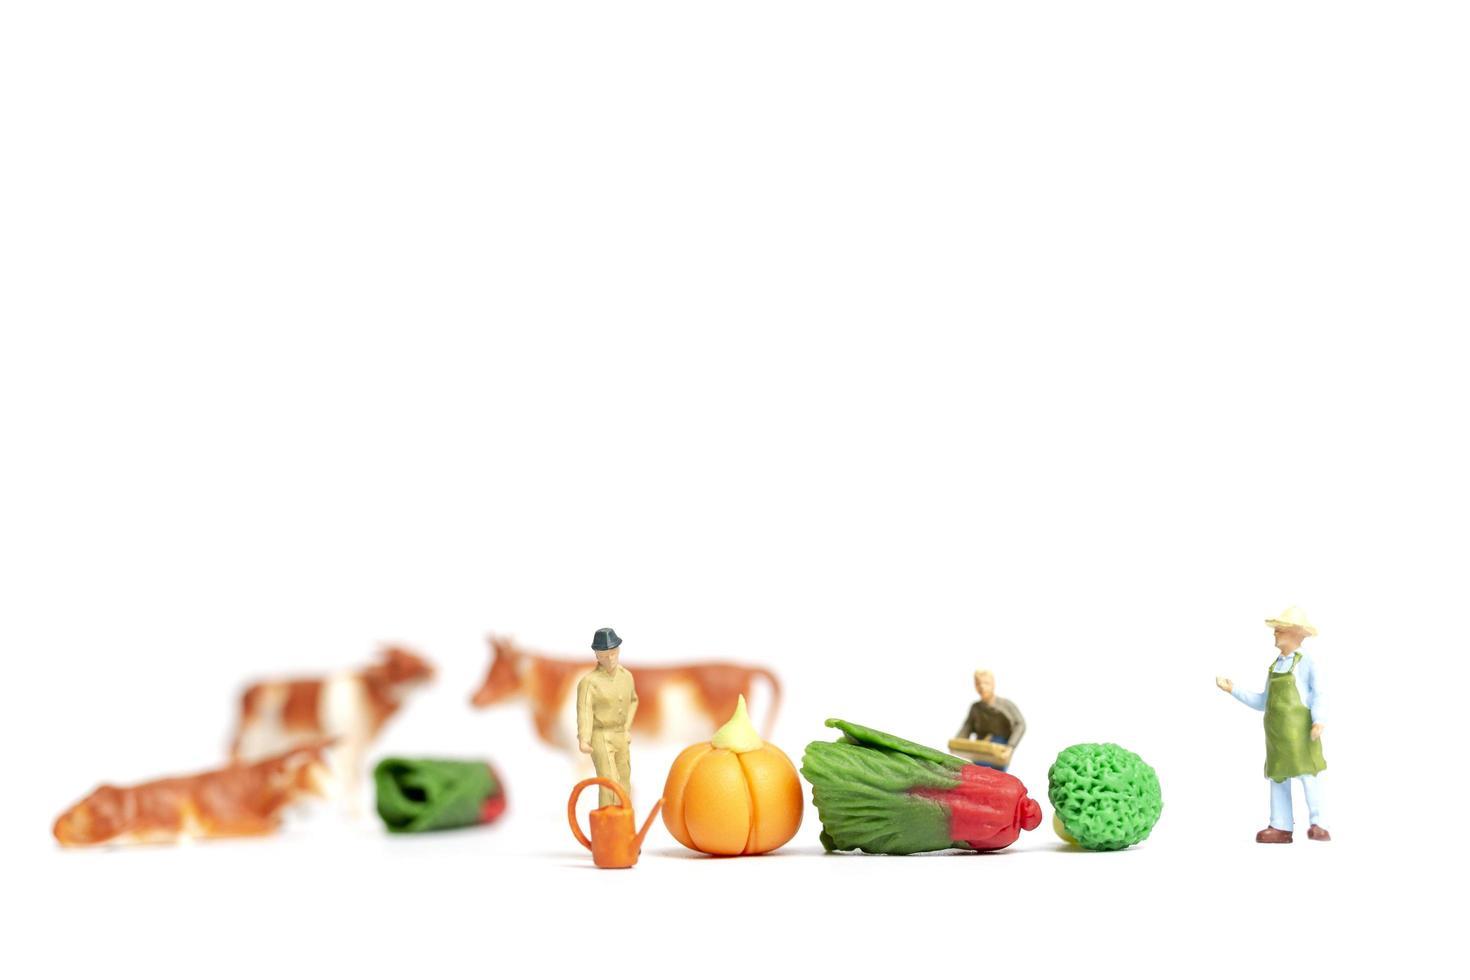 Jardineros en miniatura cosechando verduras sobre un fondo blanco, concepto de agricultura foto